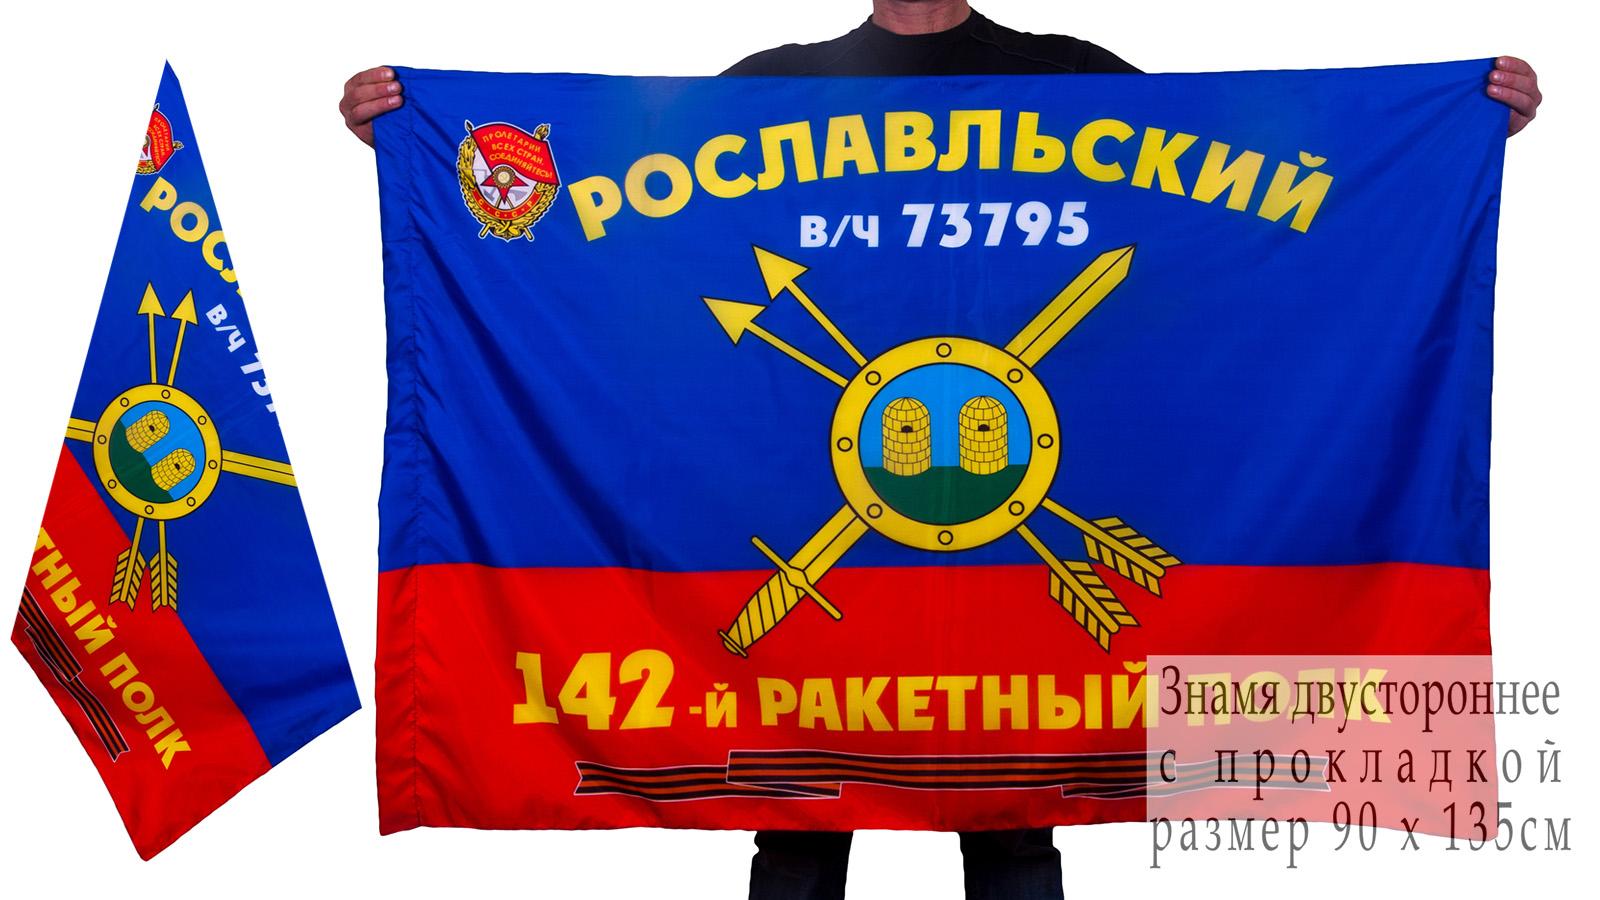 Знамя 142-го ракетного полка РВСН